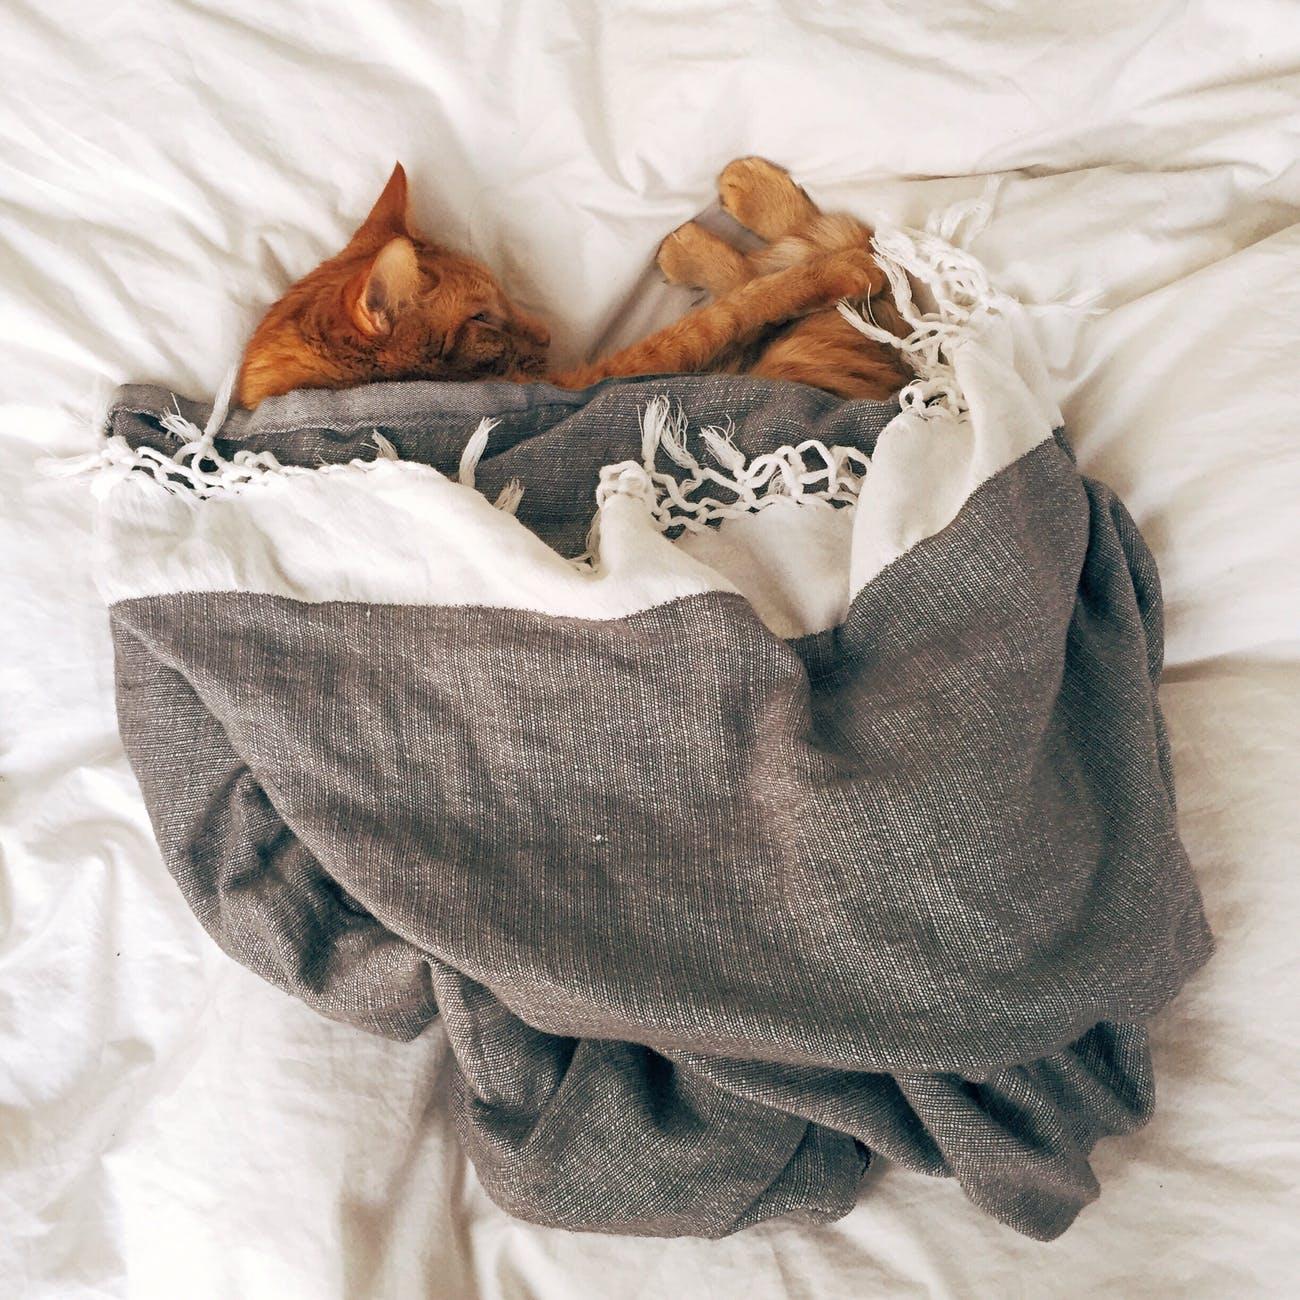 kittens in bed sleeping